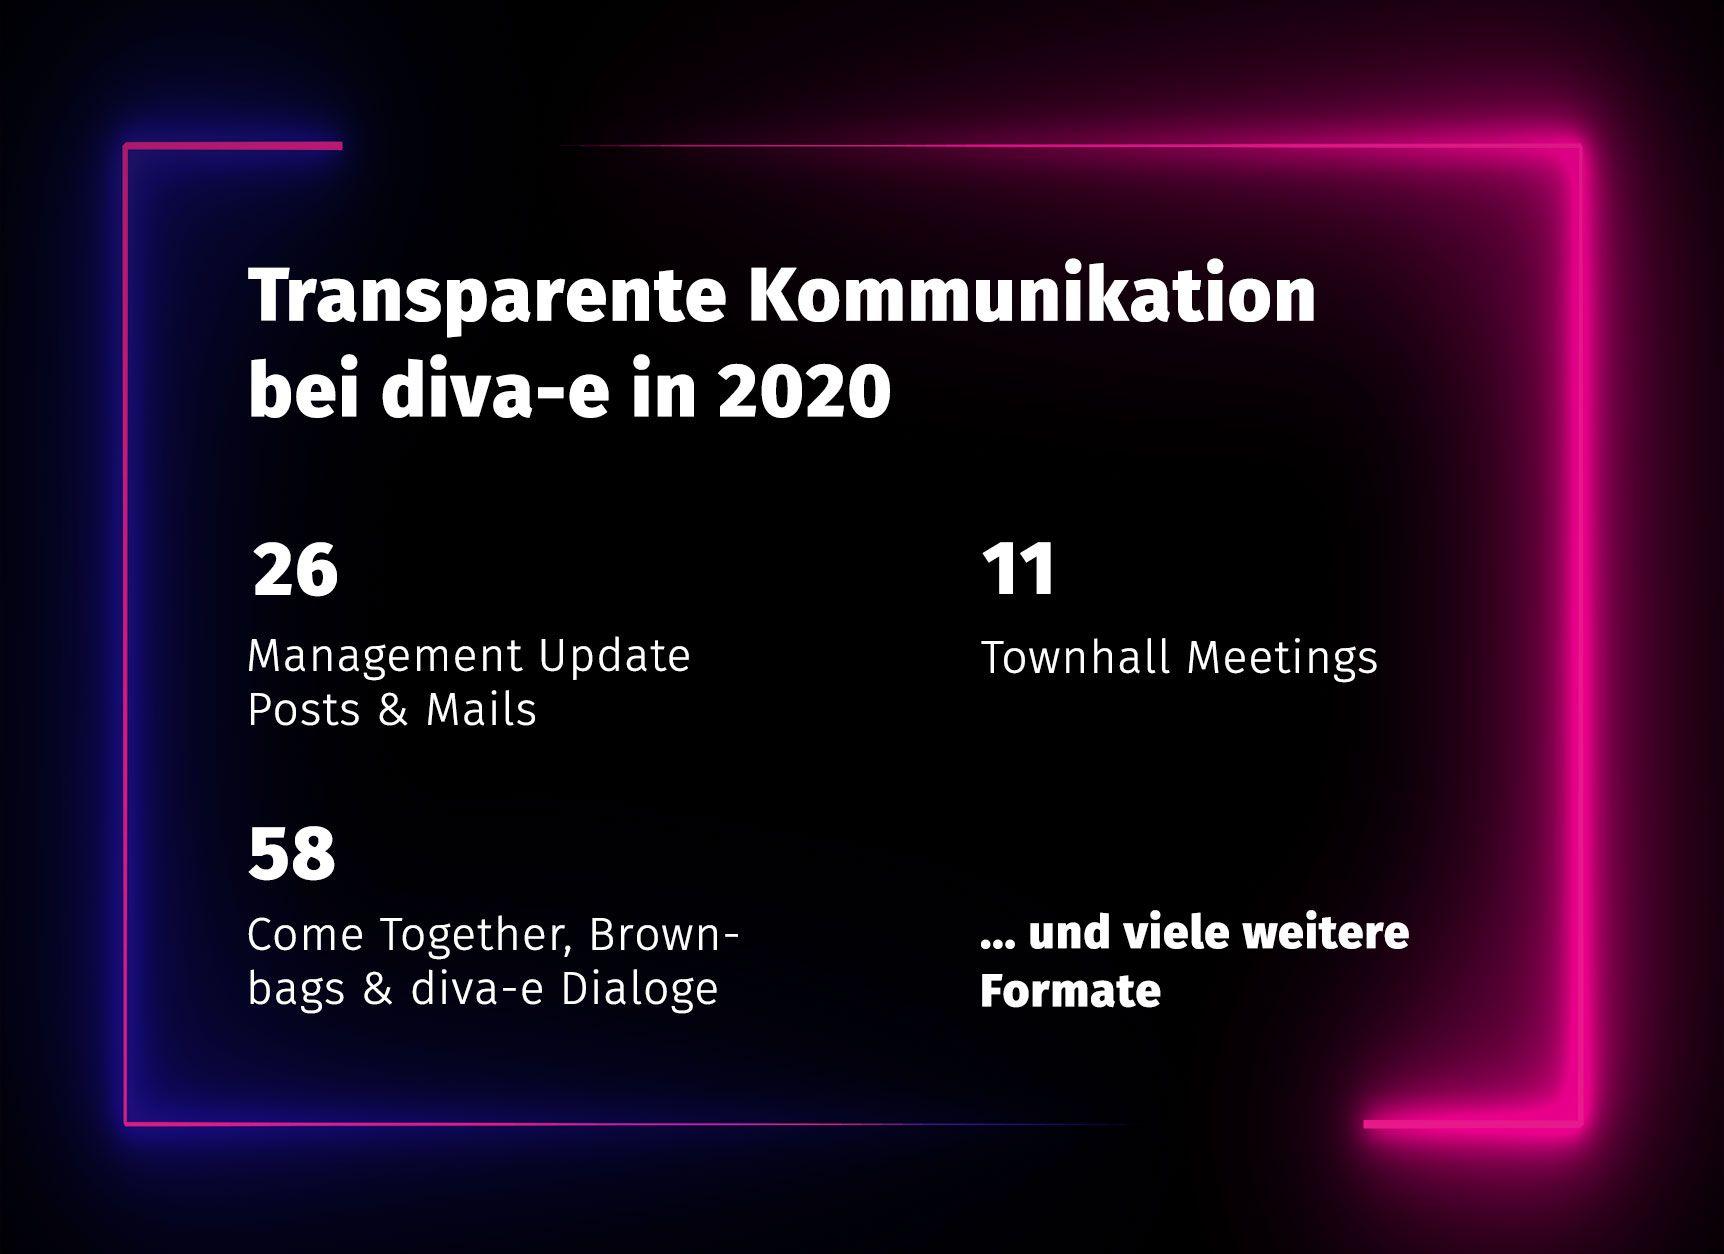 The key to transparency – wie diva-e fließende Kommunikation ermöglicht